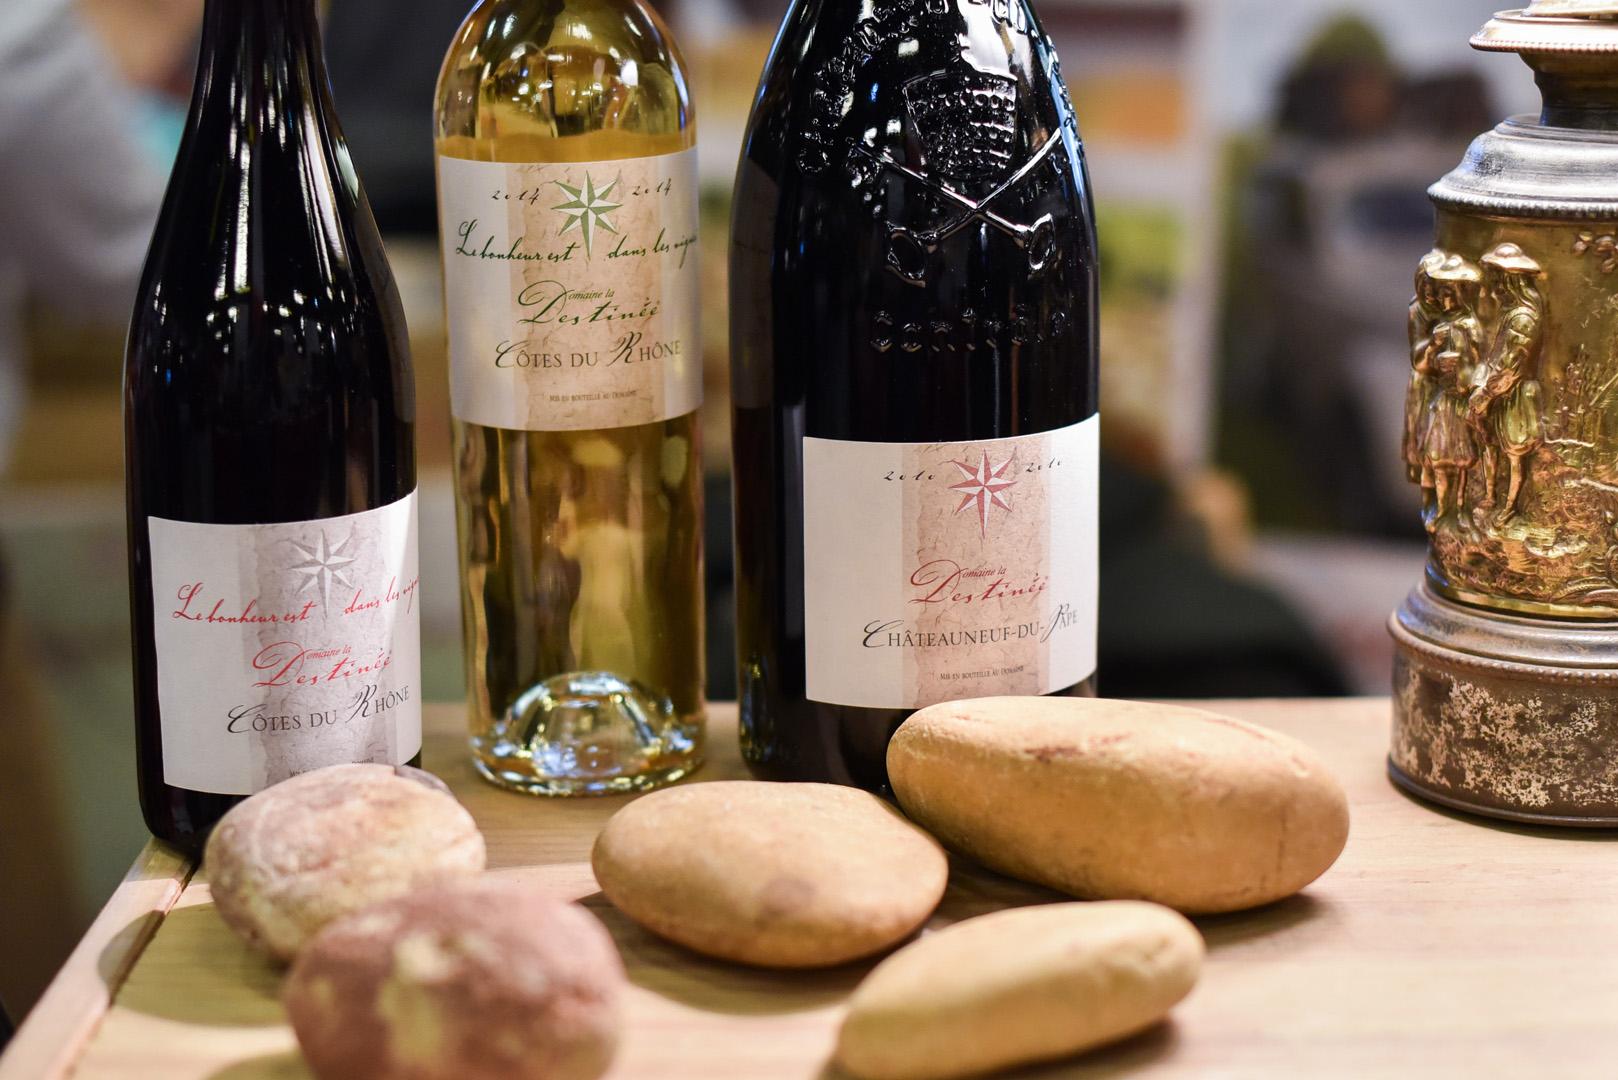 2016-10-17 - salon vinomedia villeurbanne008